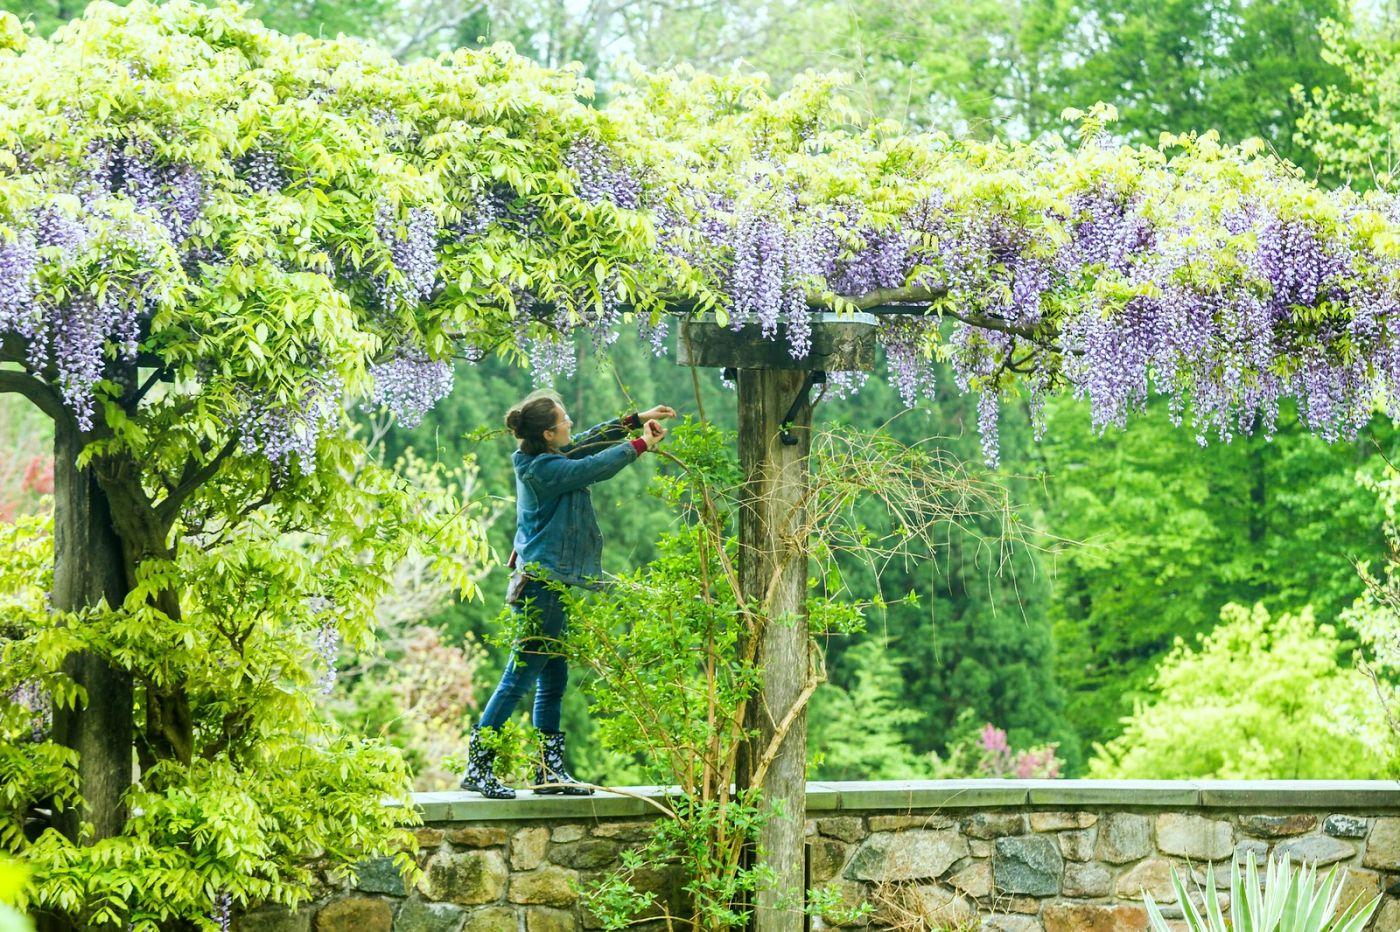 紫藤花相遇在春天_图1-16